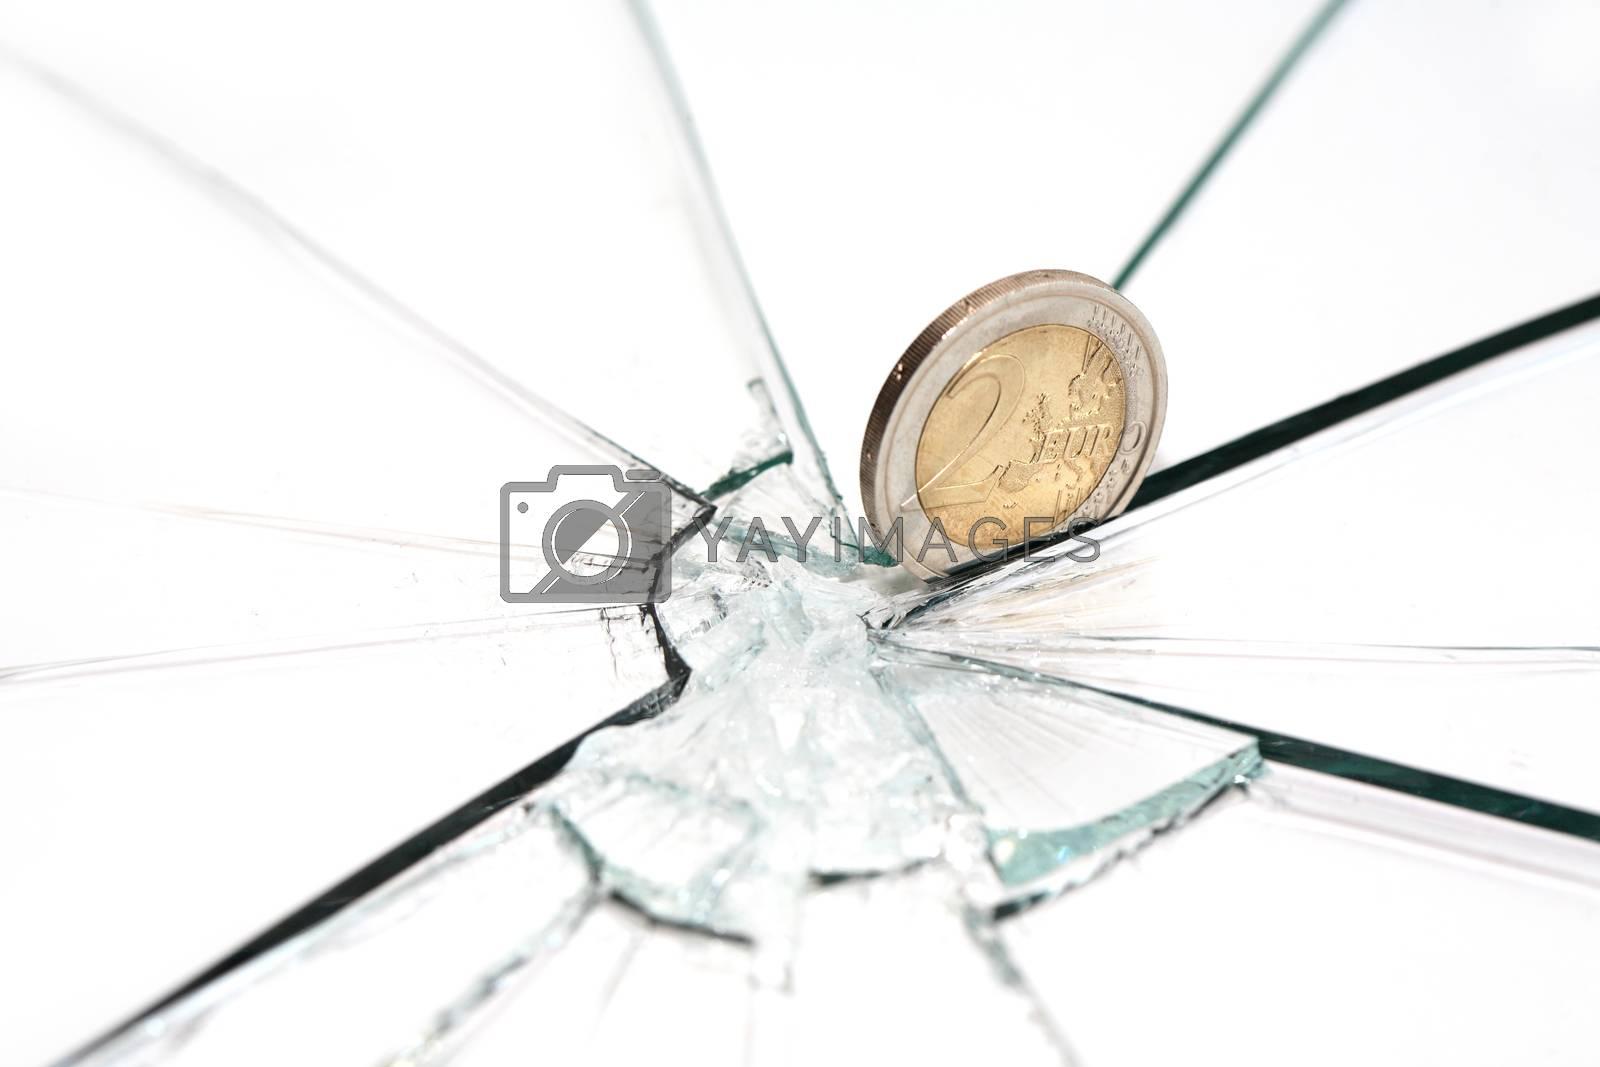 Royalty free image of Financial Crisis by kvkirillov